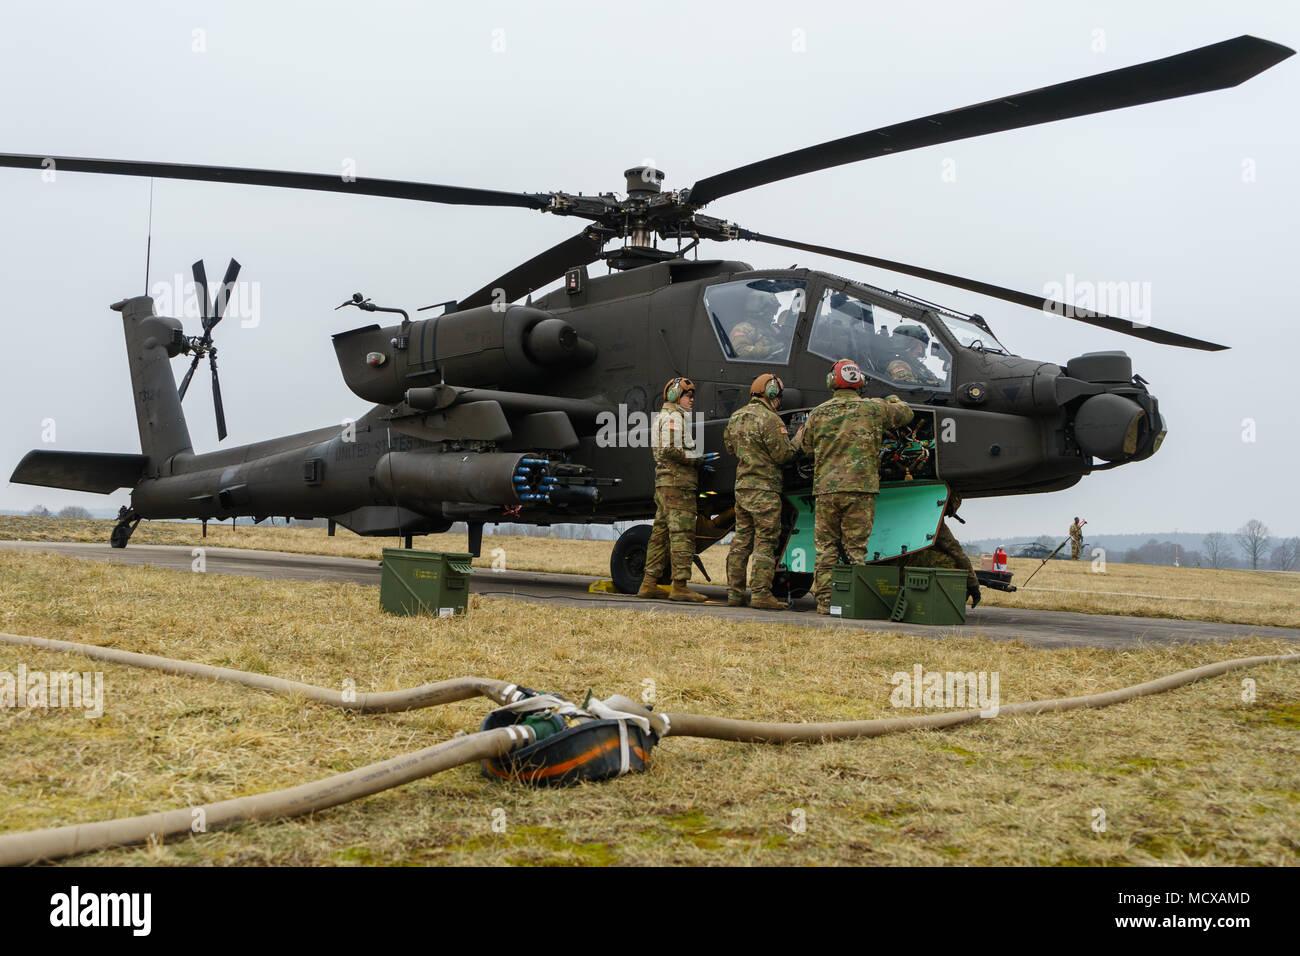 an ah 64 apache armament stock photos an ah 64 apache armament rh alamy com Army Gunnery Humvee Army Stryker Gunnery